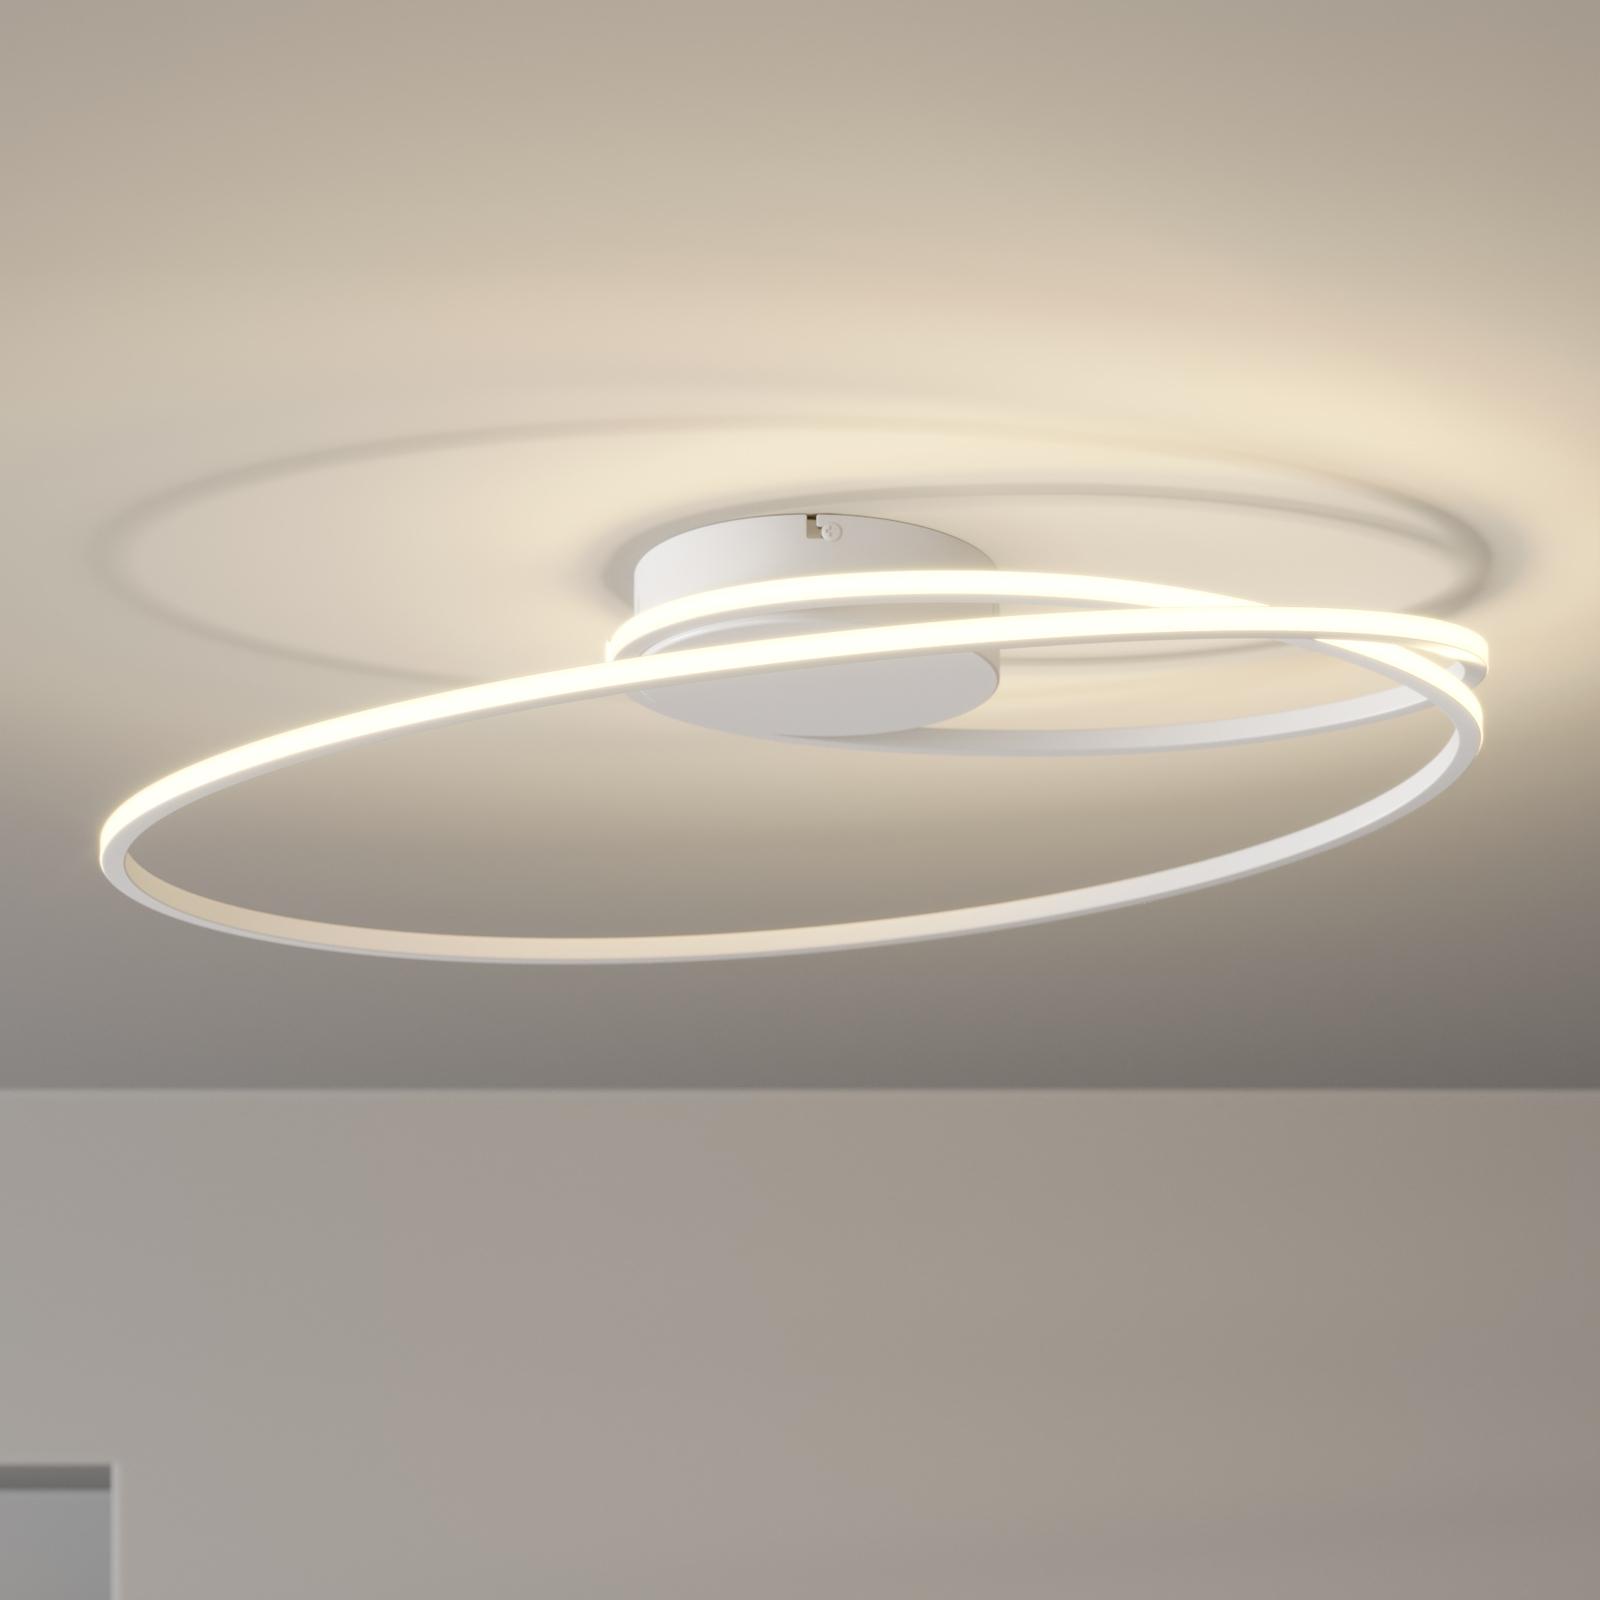 Lindby Xenias lampa sufitowa LED, biała 60 x 35 cm